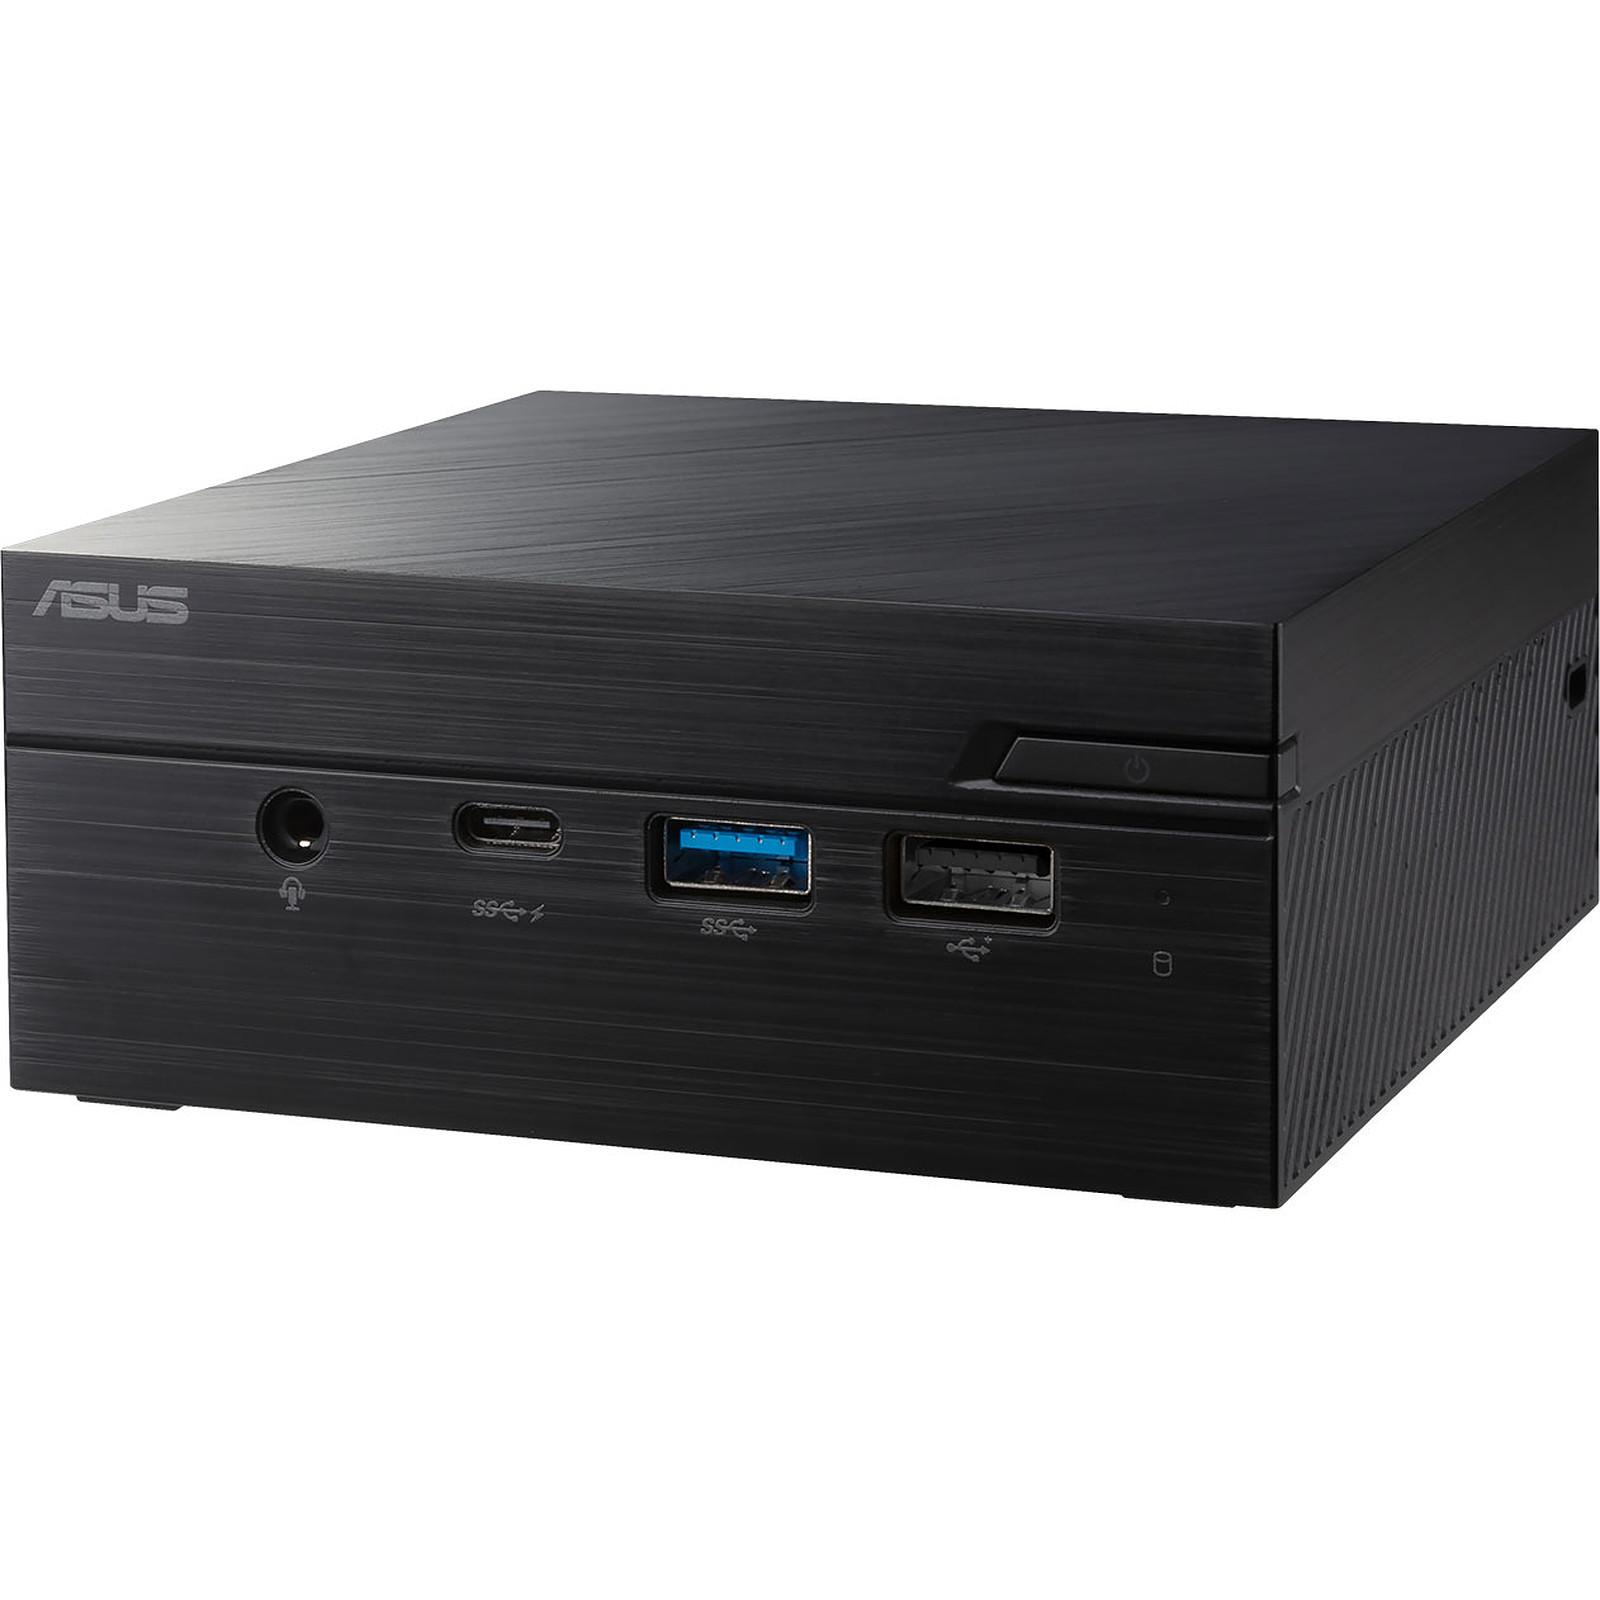 ASUS Mini PC PN60-BB5012MD